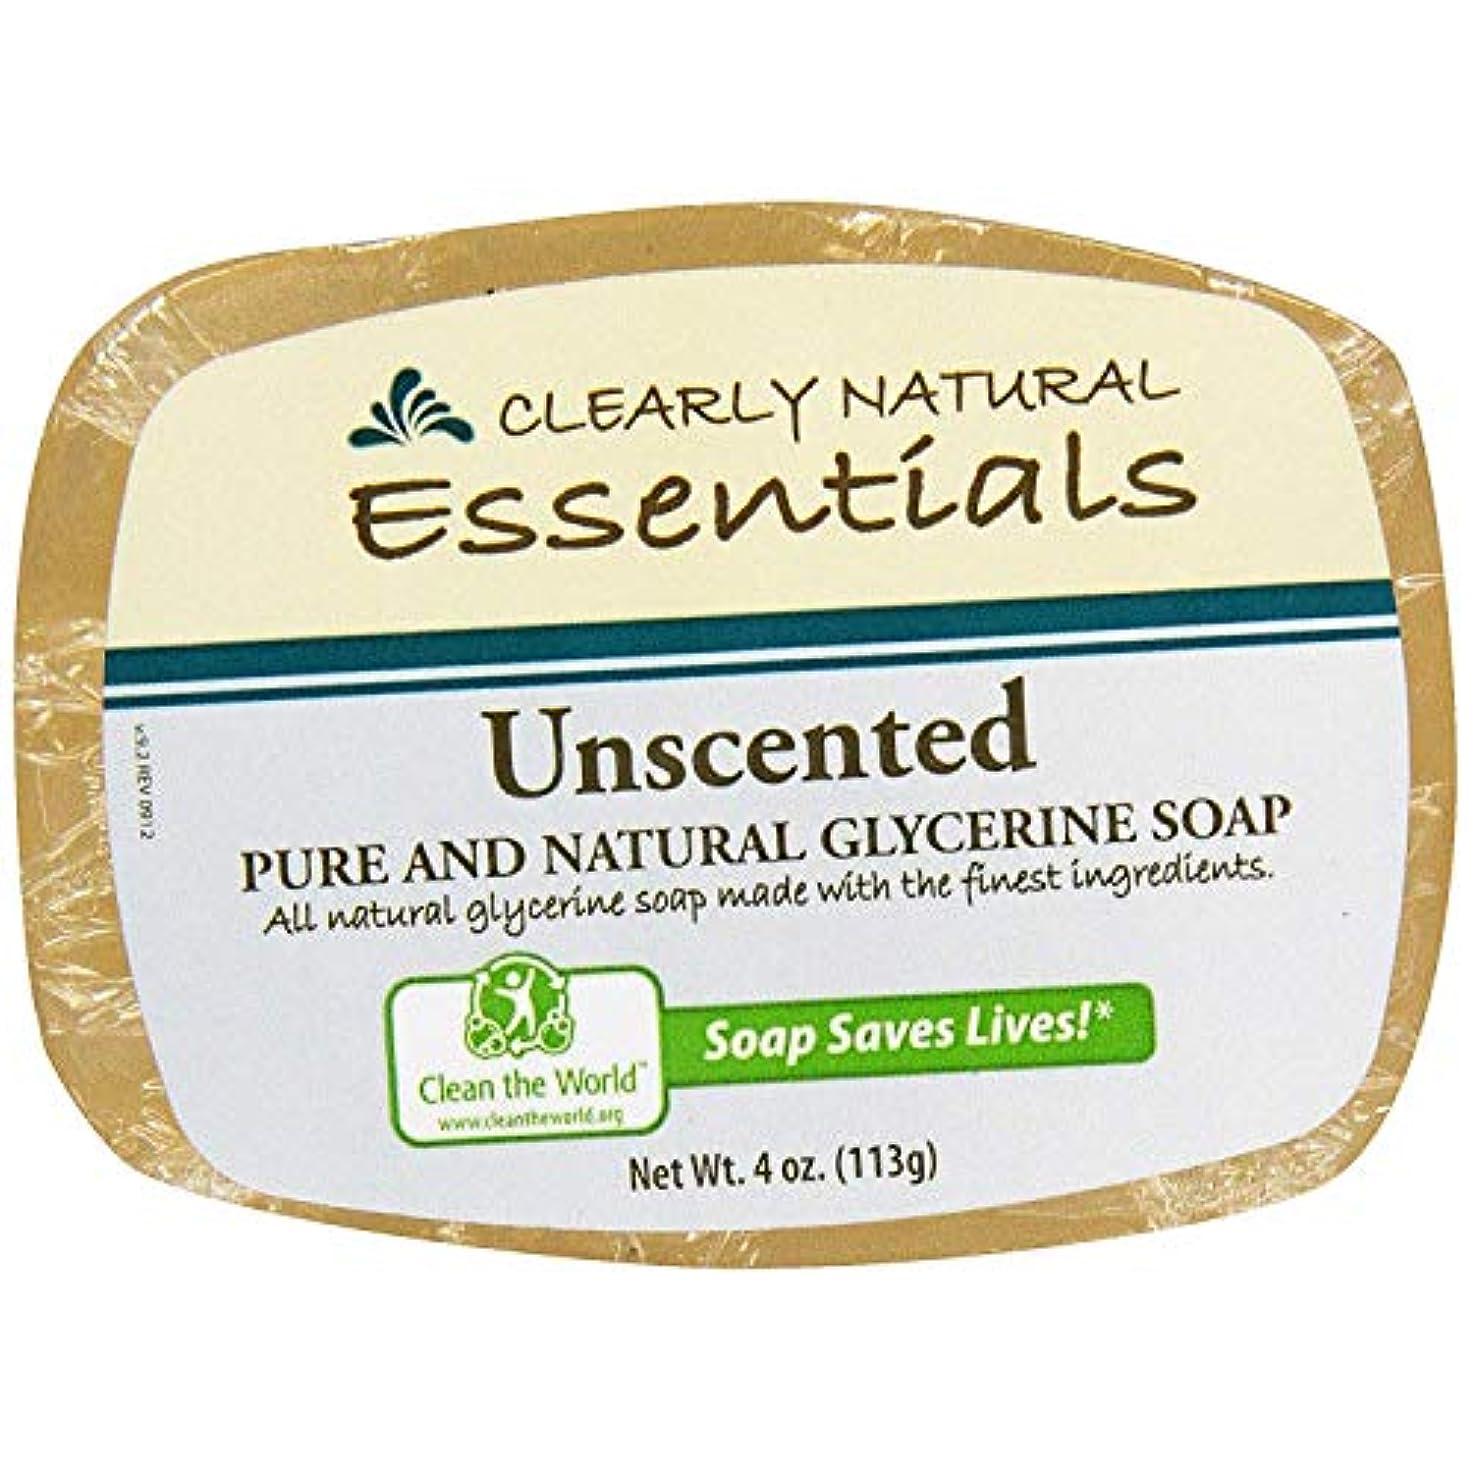 ハンカチ外交テナントTrewax 明らかに自然無香料グリセリン石鹸